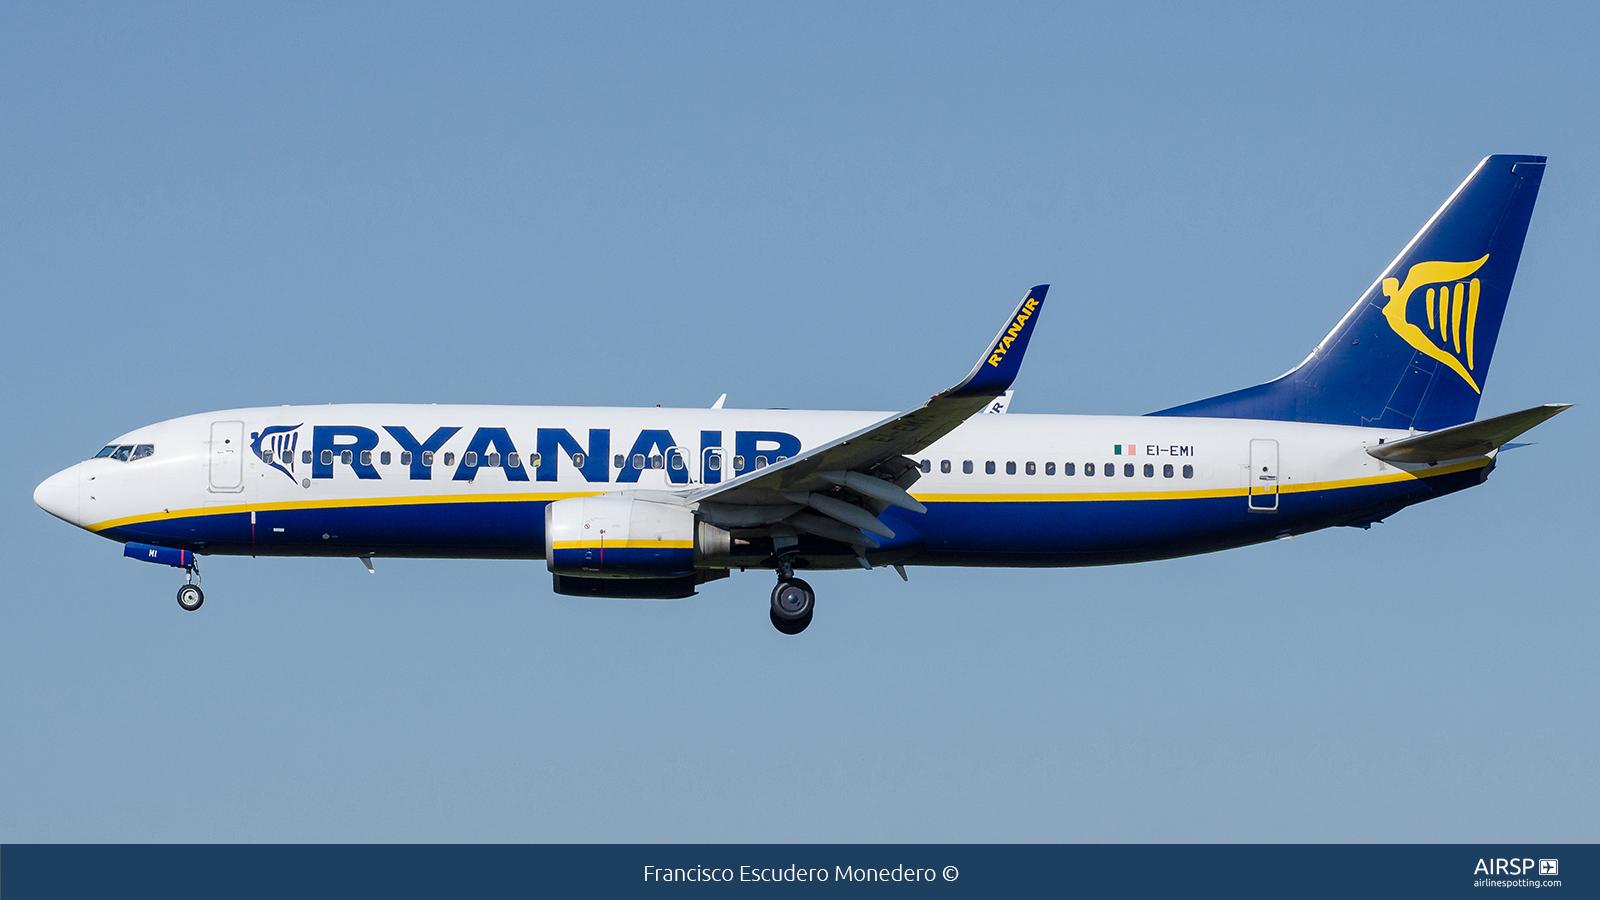 RyanairBoeing 737-800EI-EMI